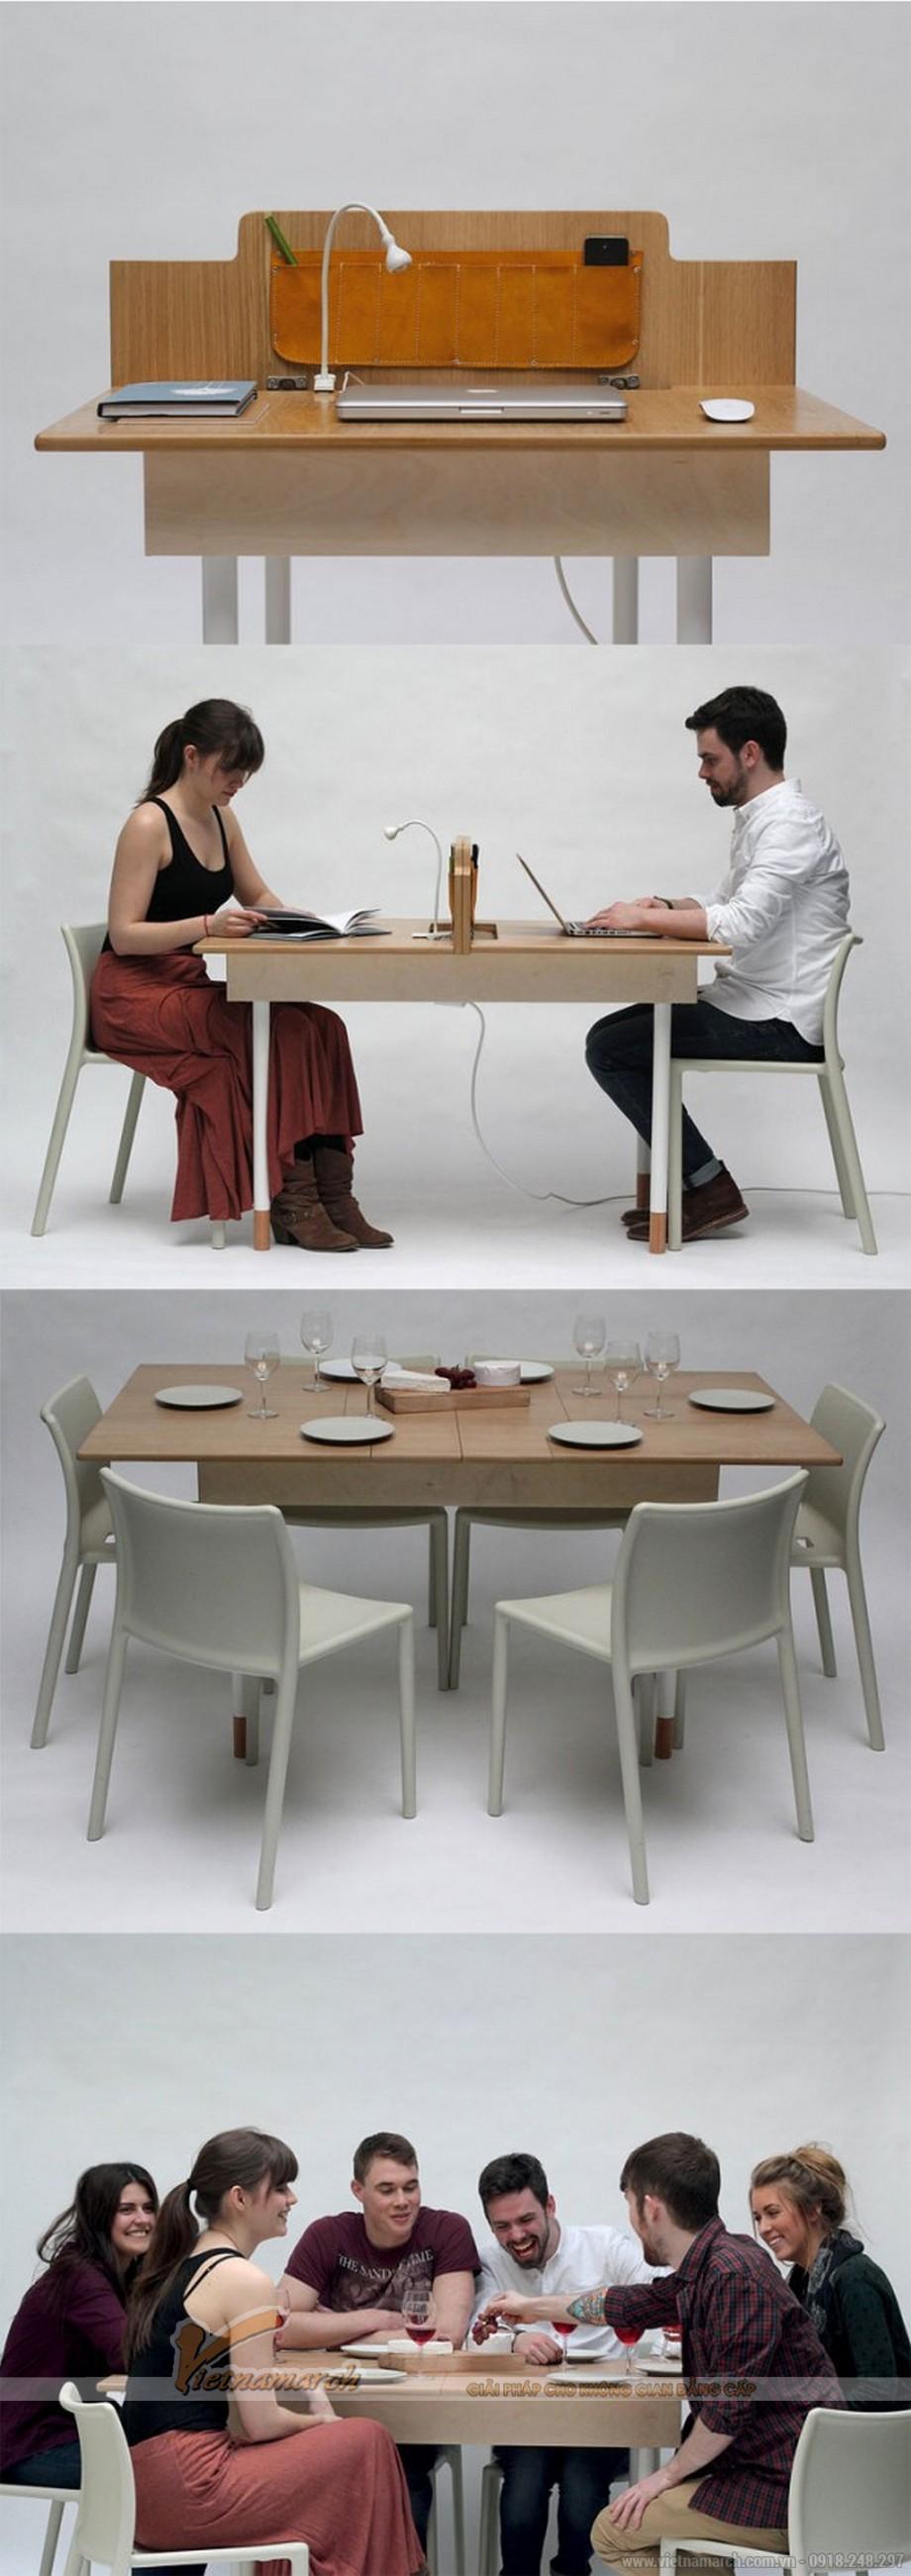 Bạn sẽ không biết gọi là bàn học, bàn làm việc cho 2 người hay bàn ăn đây nhỉ